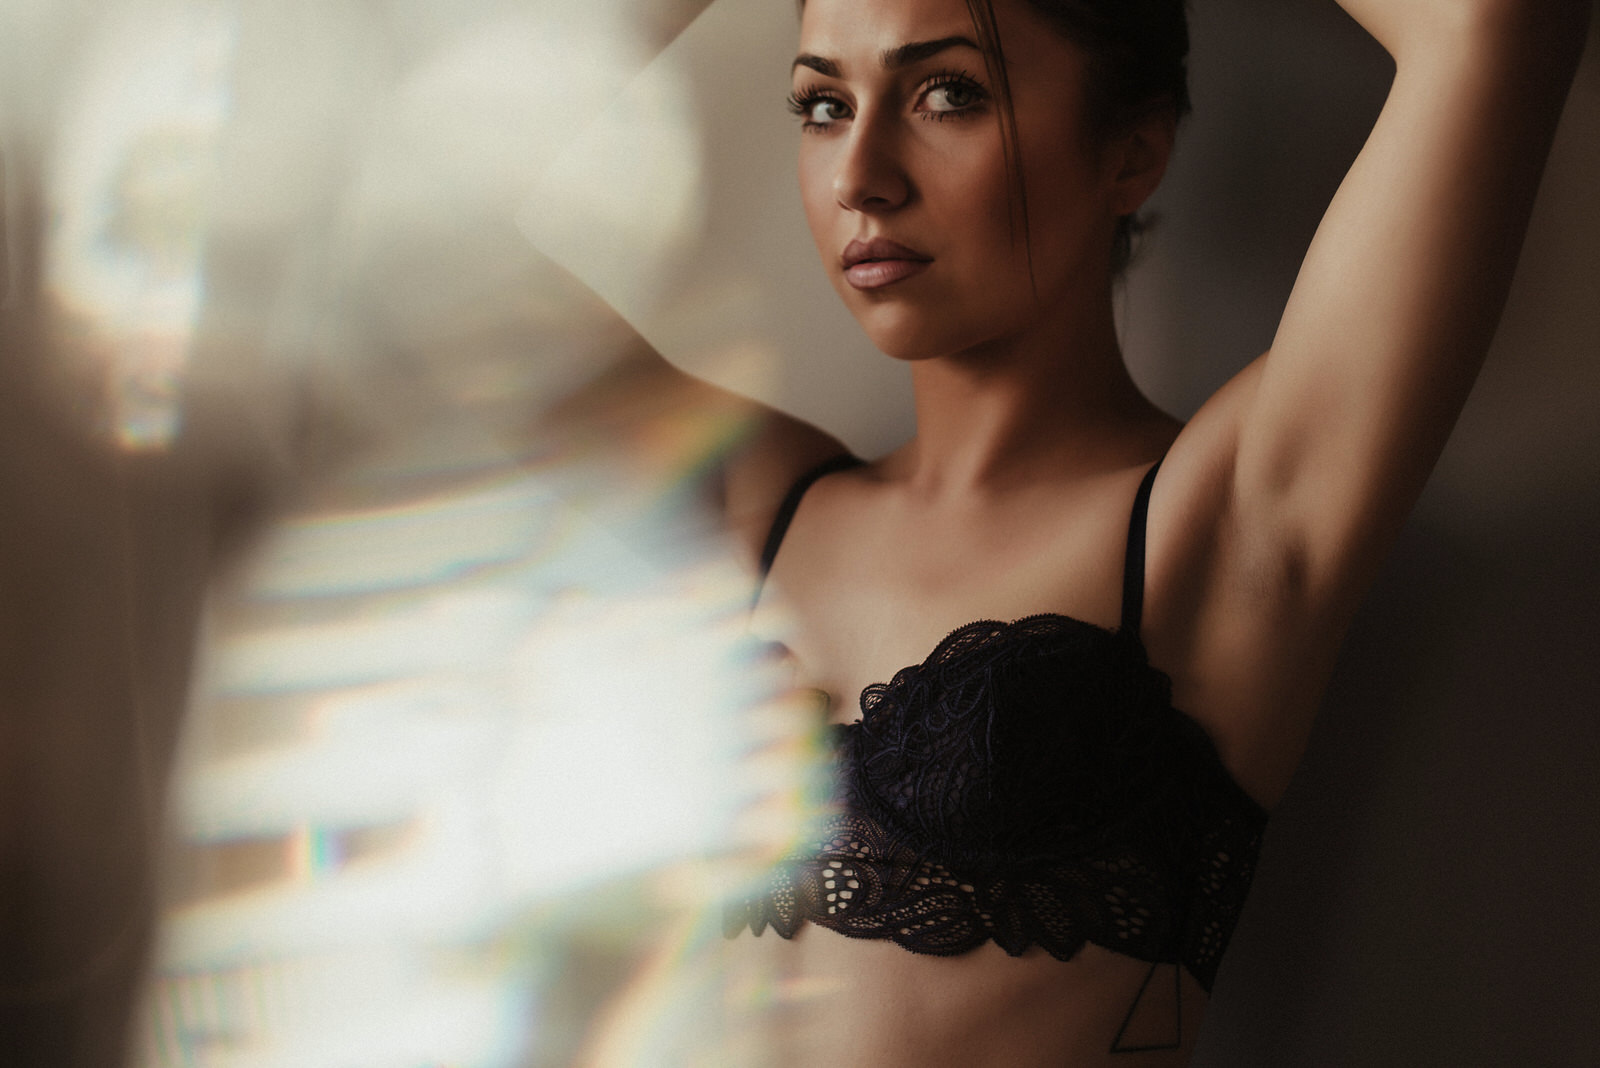 Fotógrafo boudoir Málaga | Patricia | by Jorge Márquez. Reportajes sensuales, íntimos, elegantes, femeninos. Se la primera en sorprenderte, hazlo realidad.